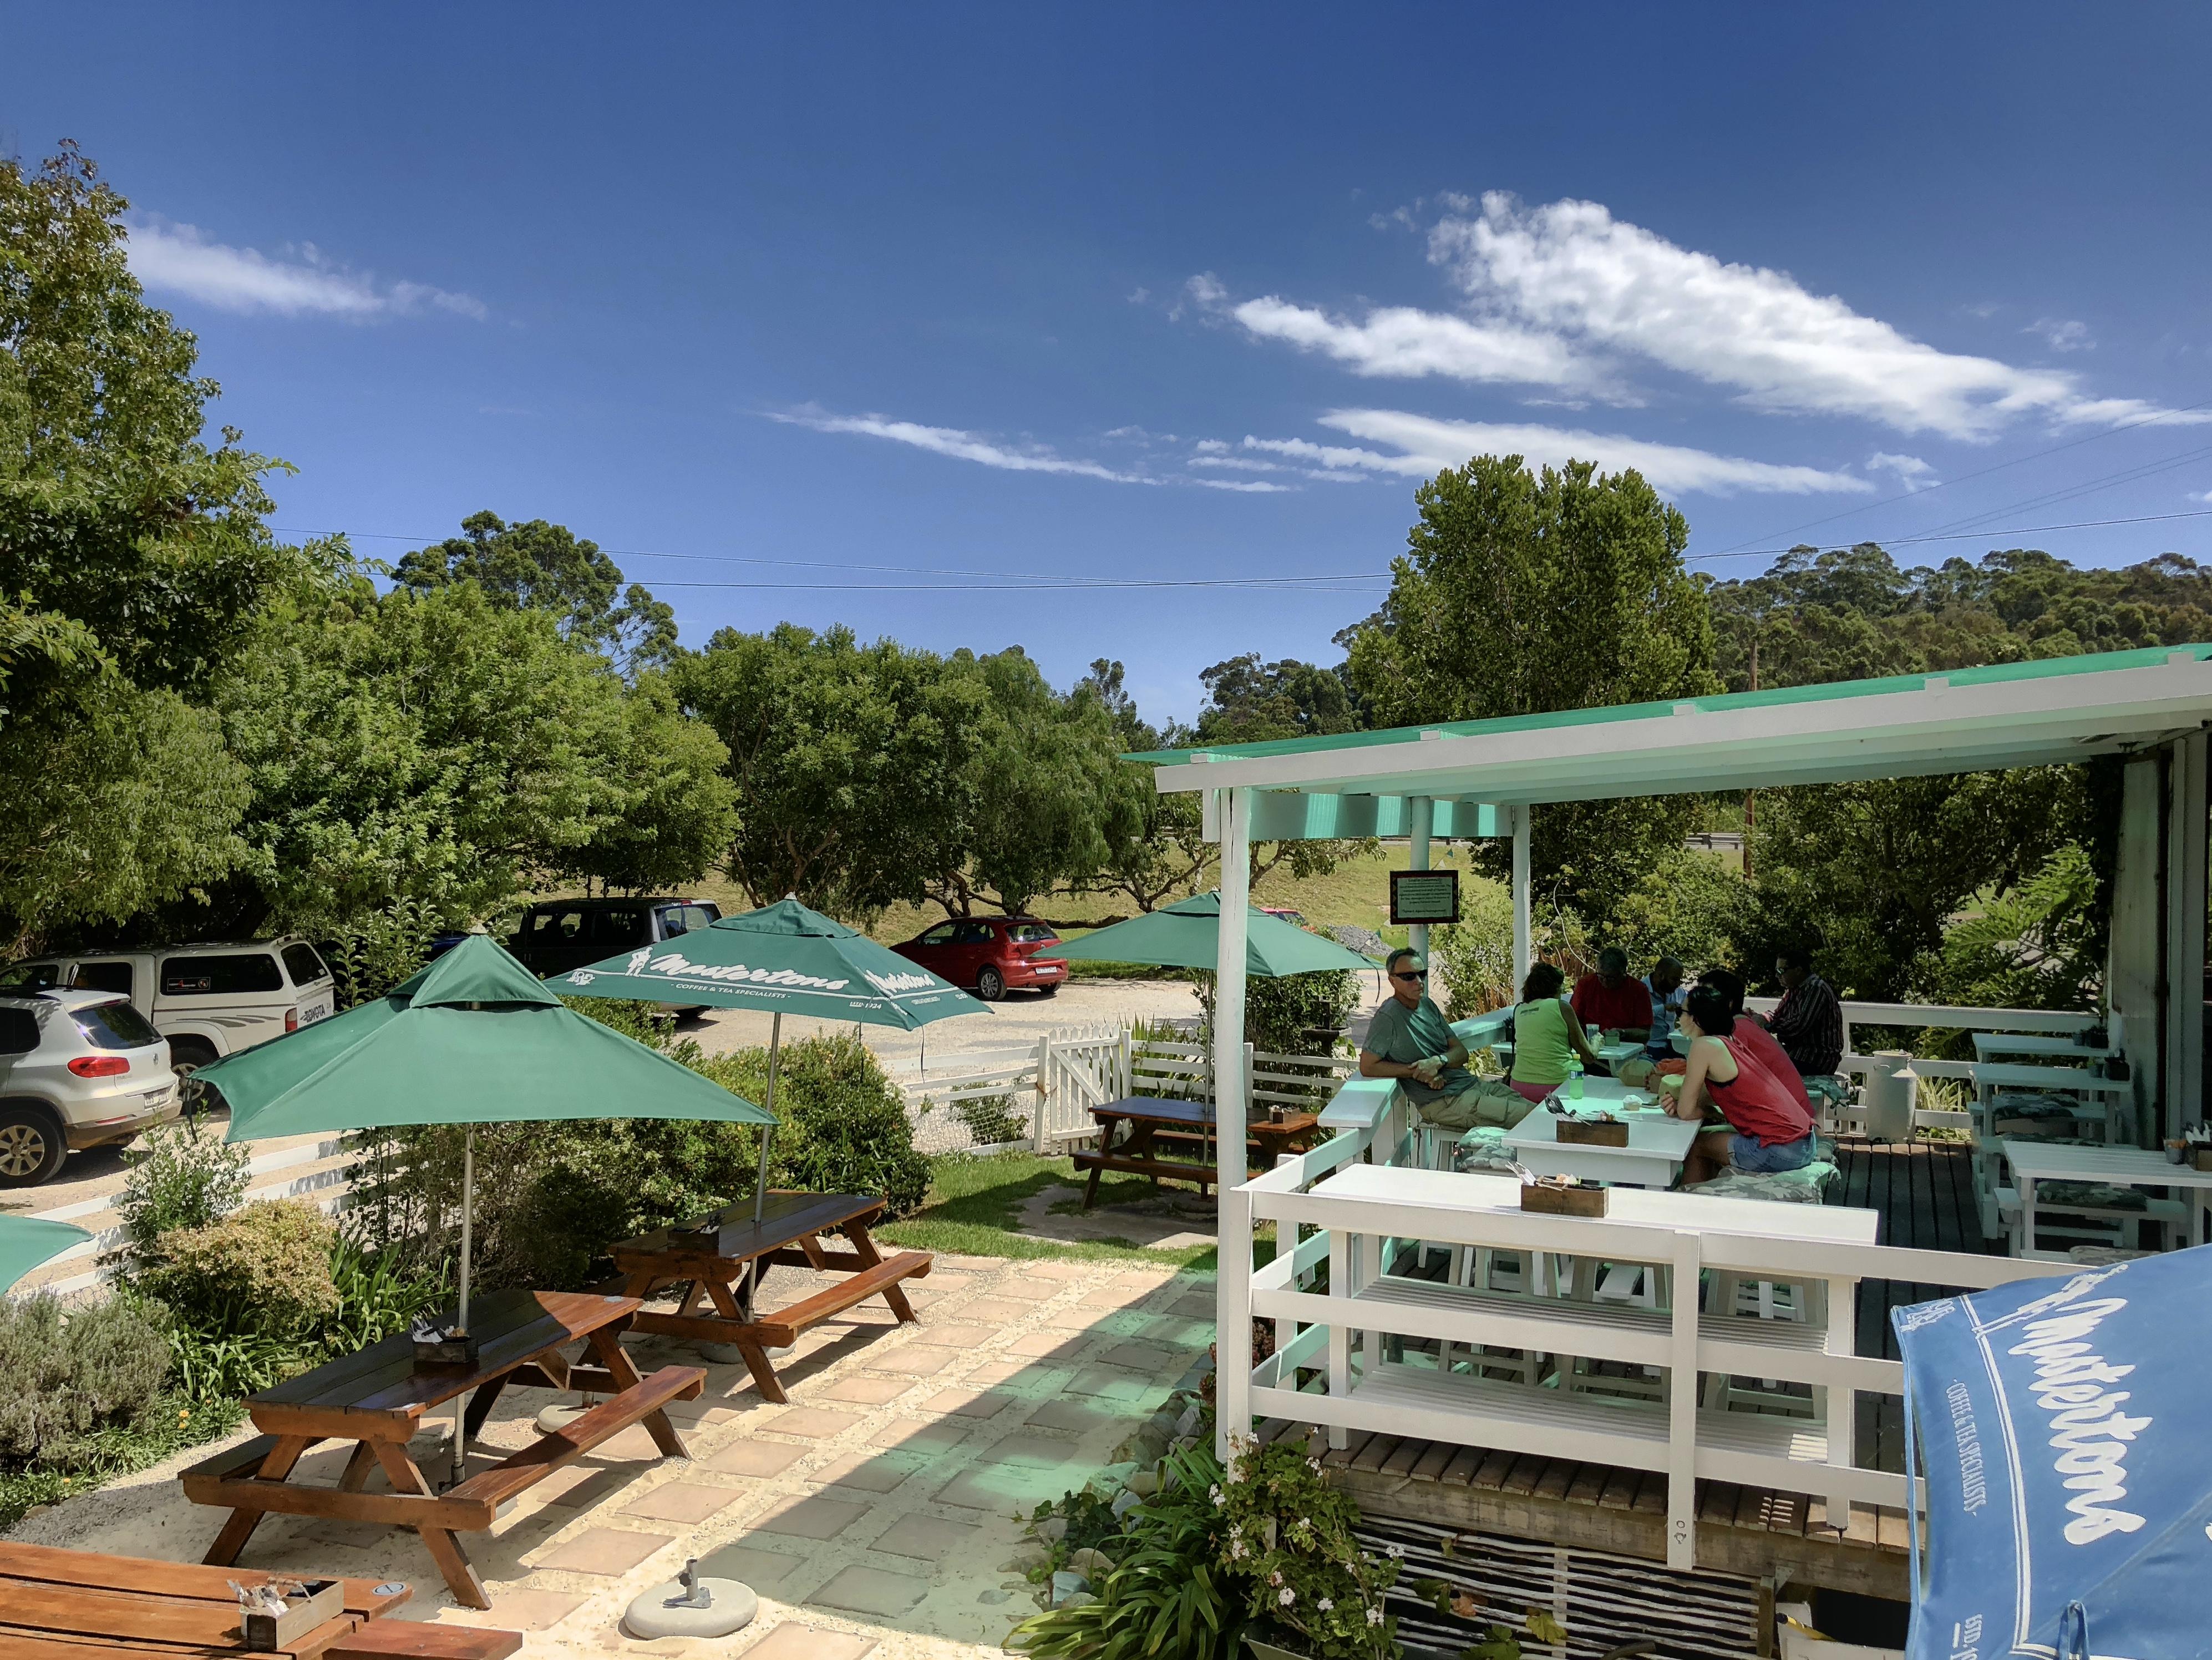 Blick auf die Terrasse im Thyme & Again, Plettenberg Bay, Südafrika